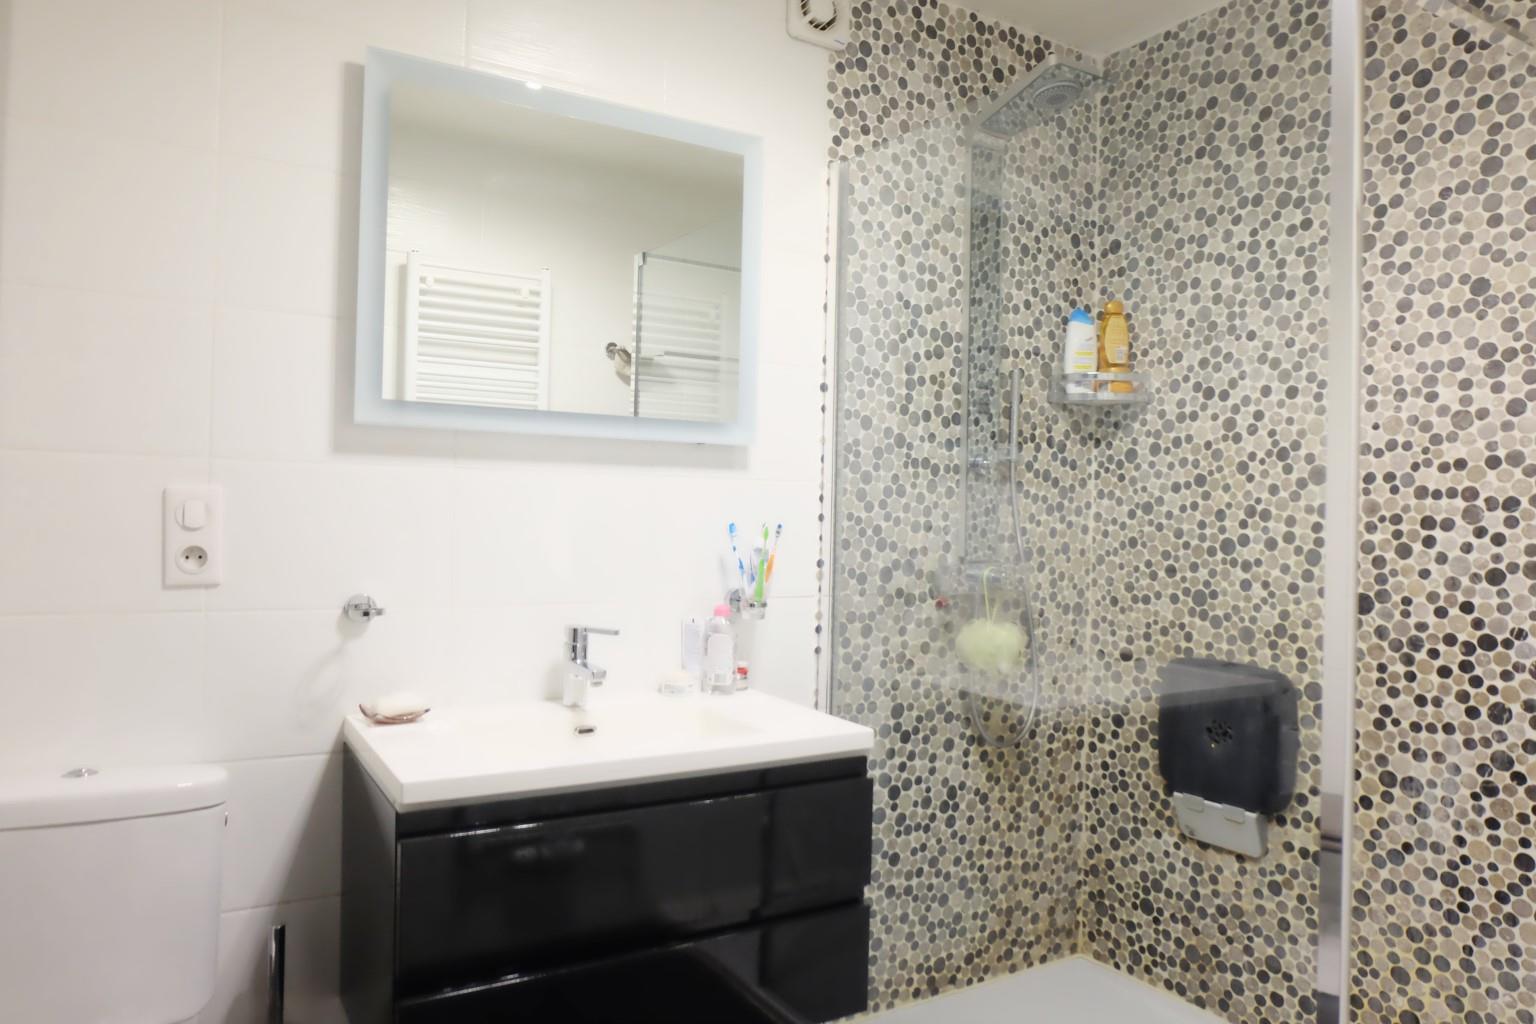 Appartement exceptionnel - Braine-le-Comte Hennuyères - #2181234-9